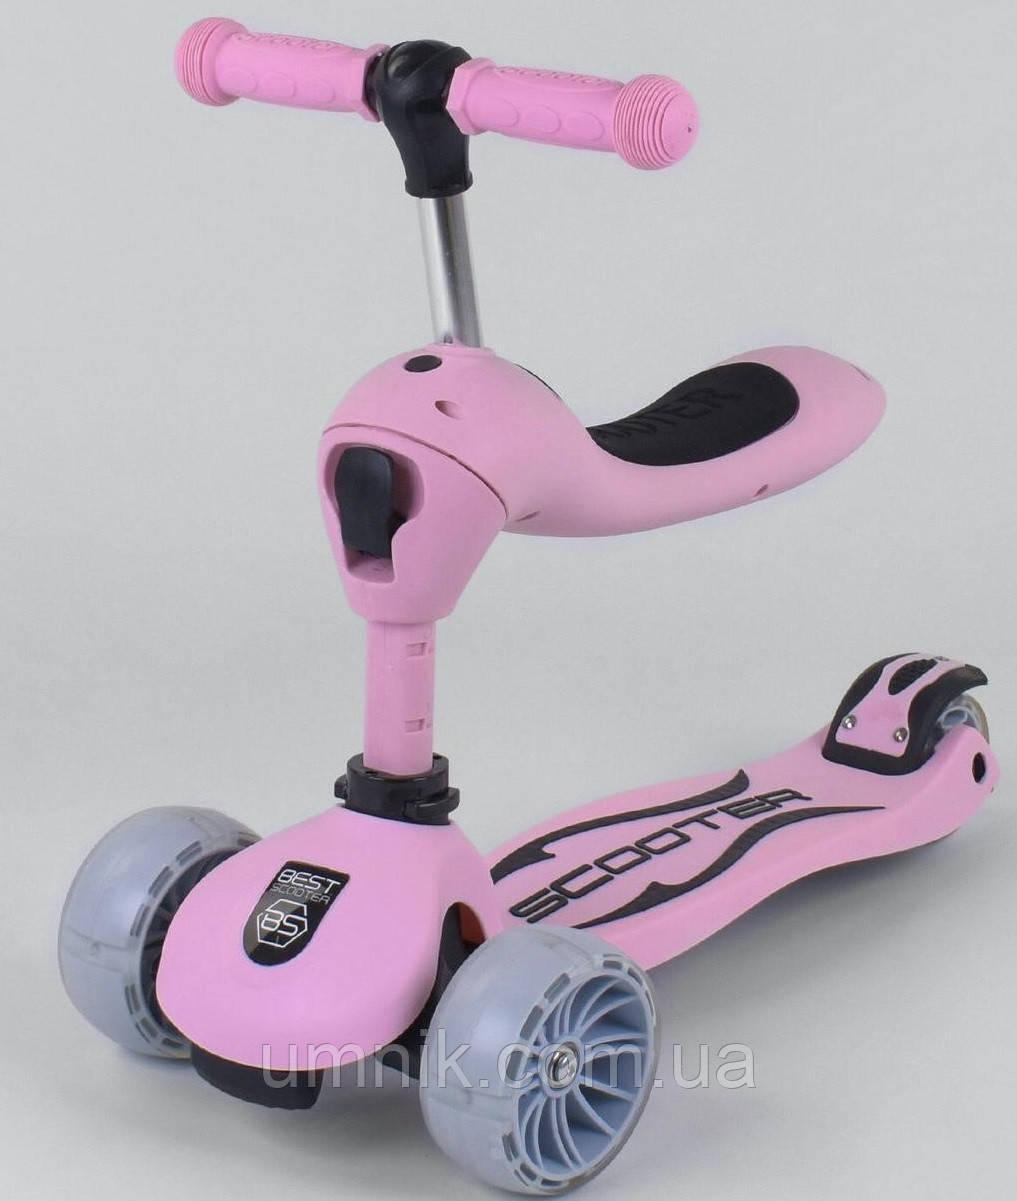 Самокат 2 в 1 Best Scooter, S - 8015, що світяться колеса, рожевий